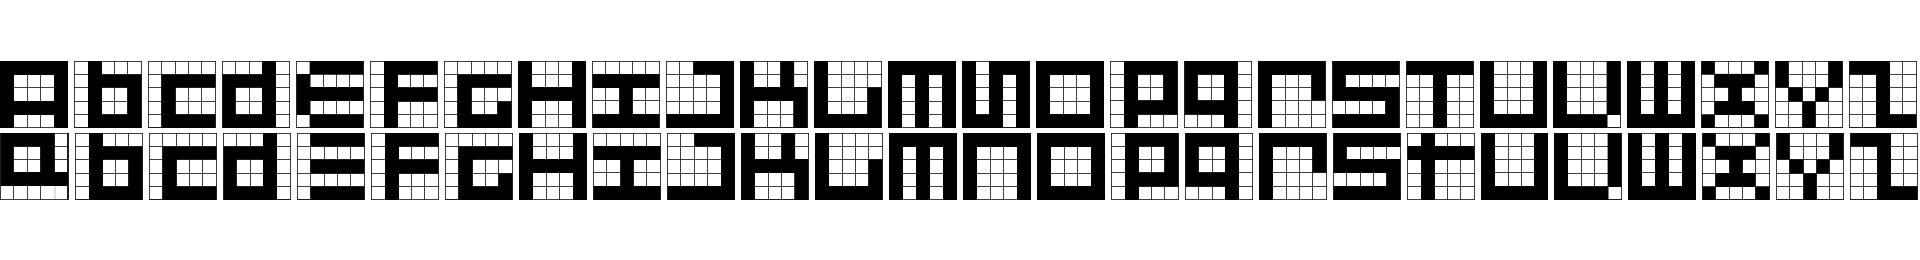 GiveMeFive